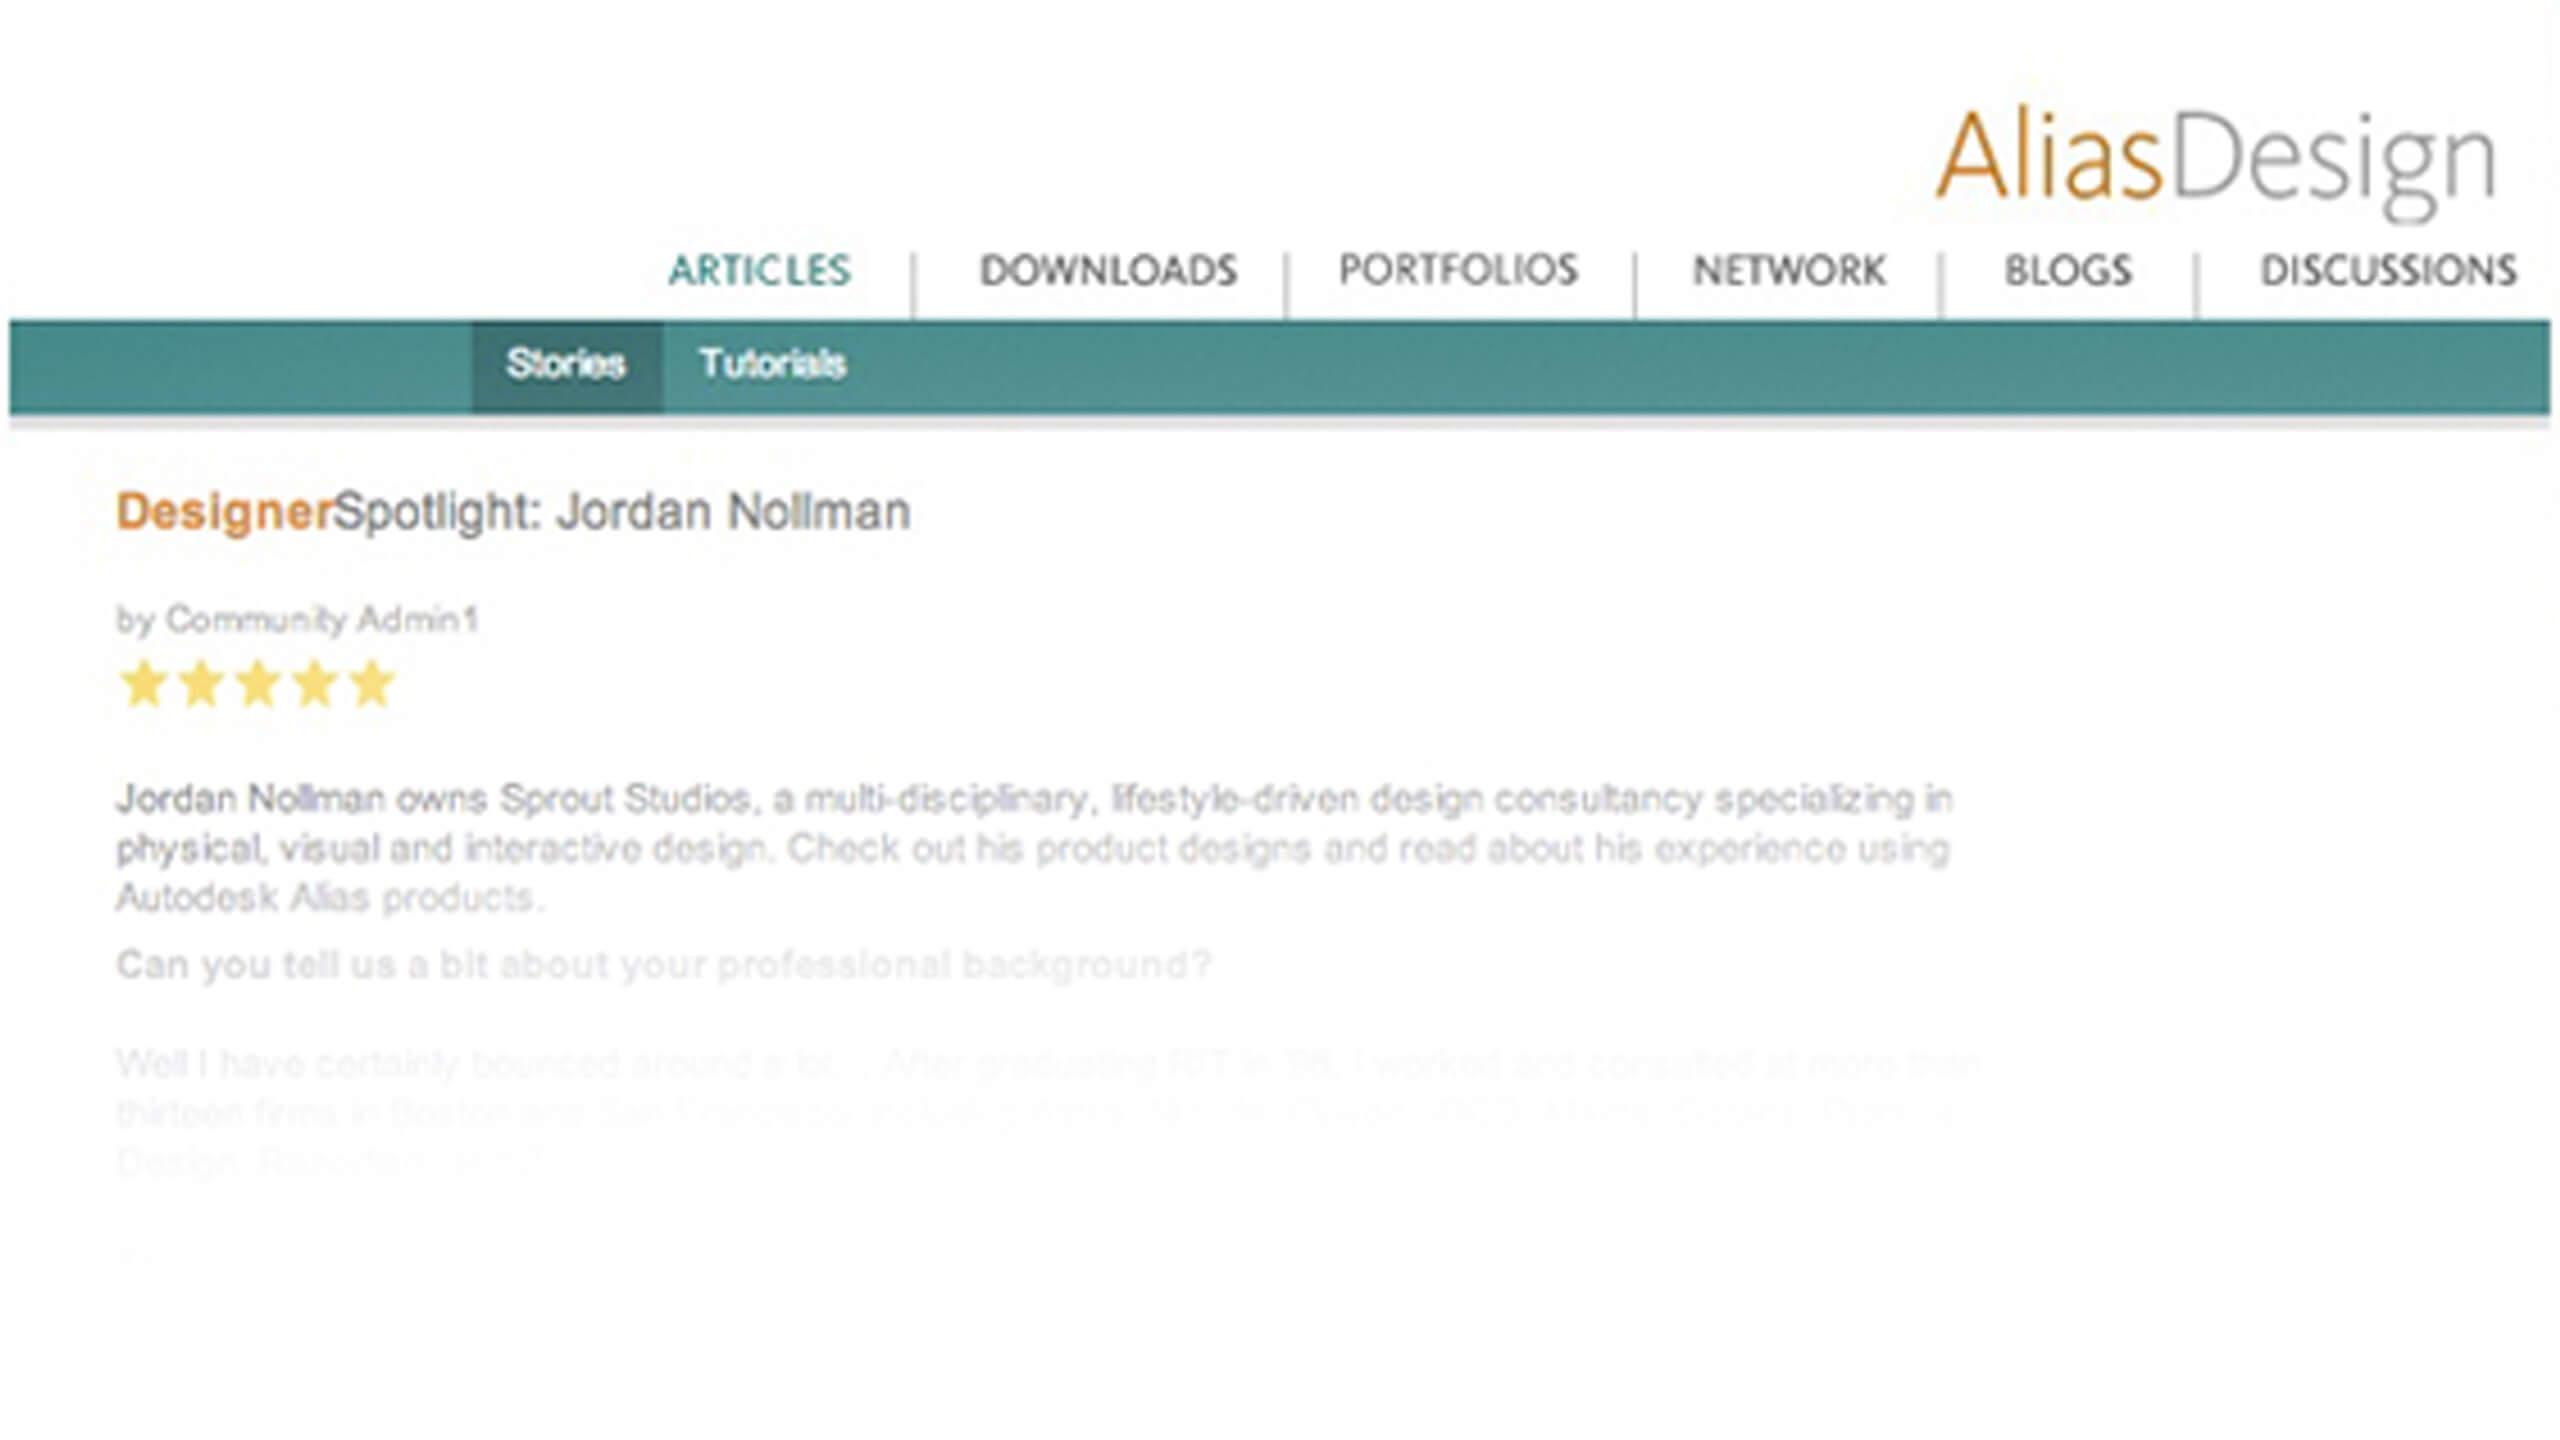 ALIAS DESIGNER SPOTLIGHT INTERVIEWS SPROUT'S JORDAN NOLLMAN